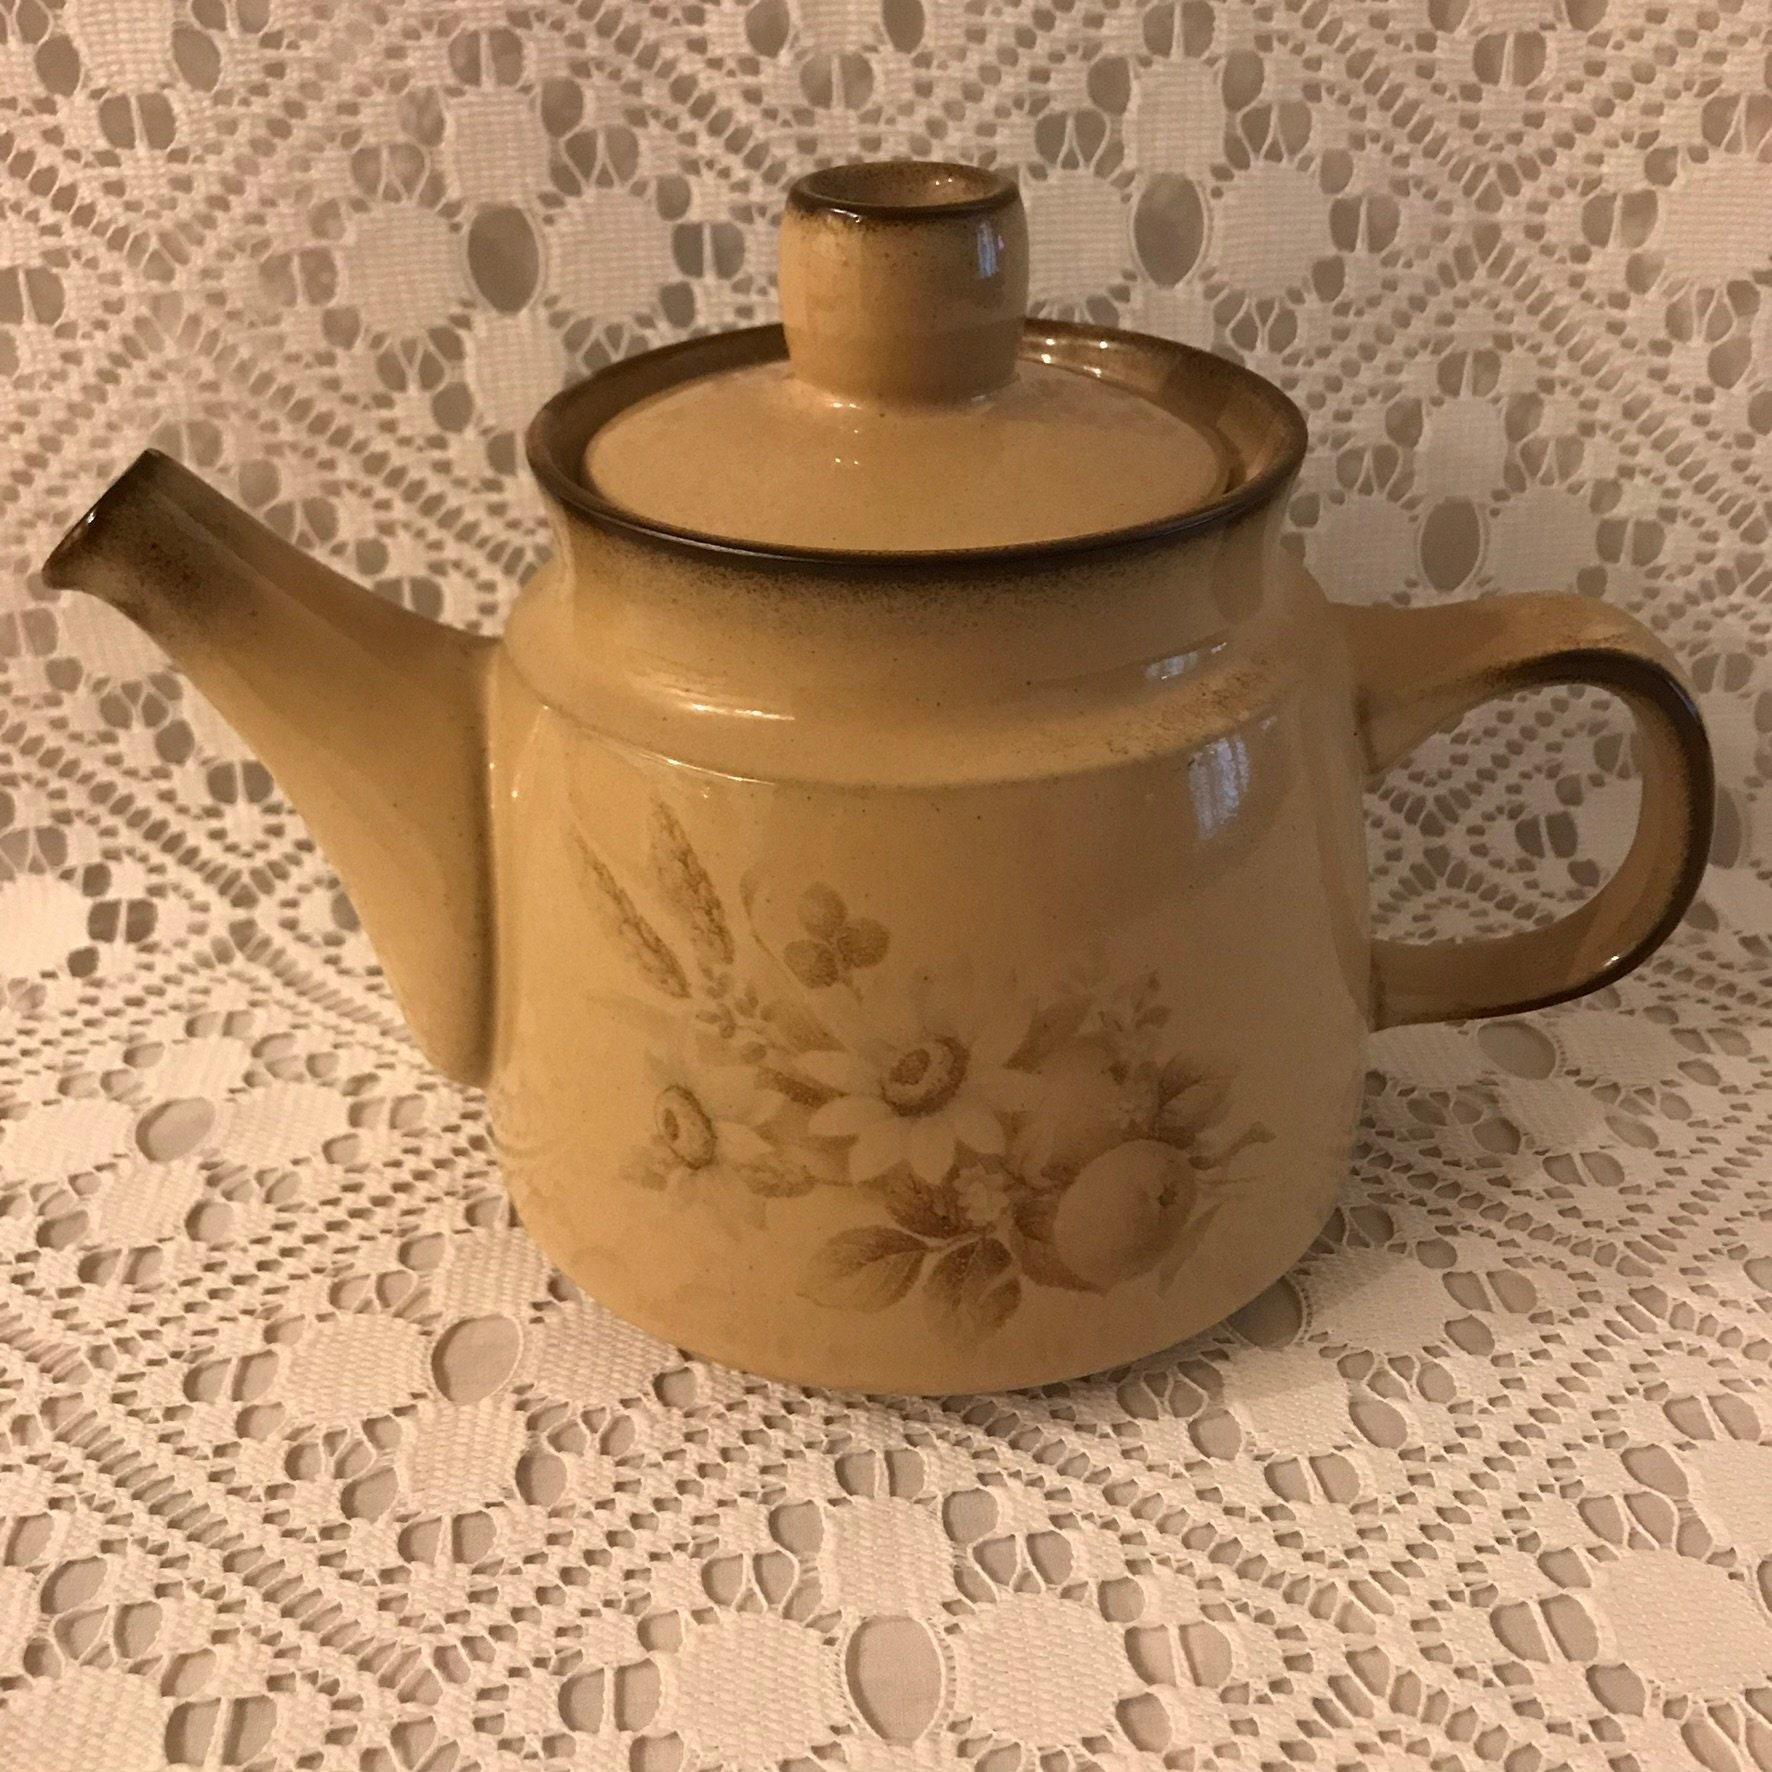 Denby stoneware vintage Vintage denby